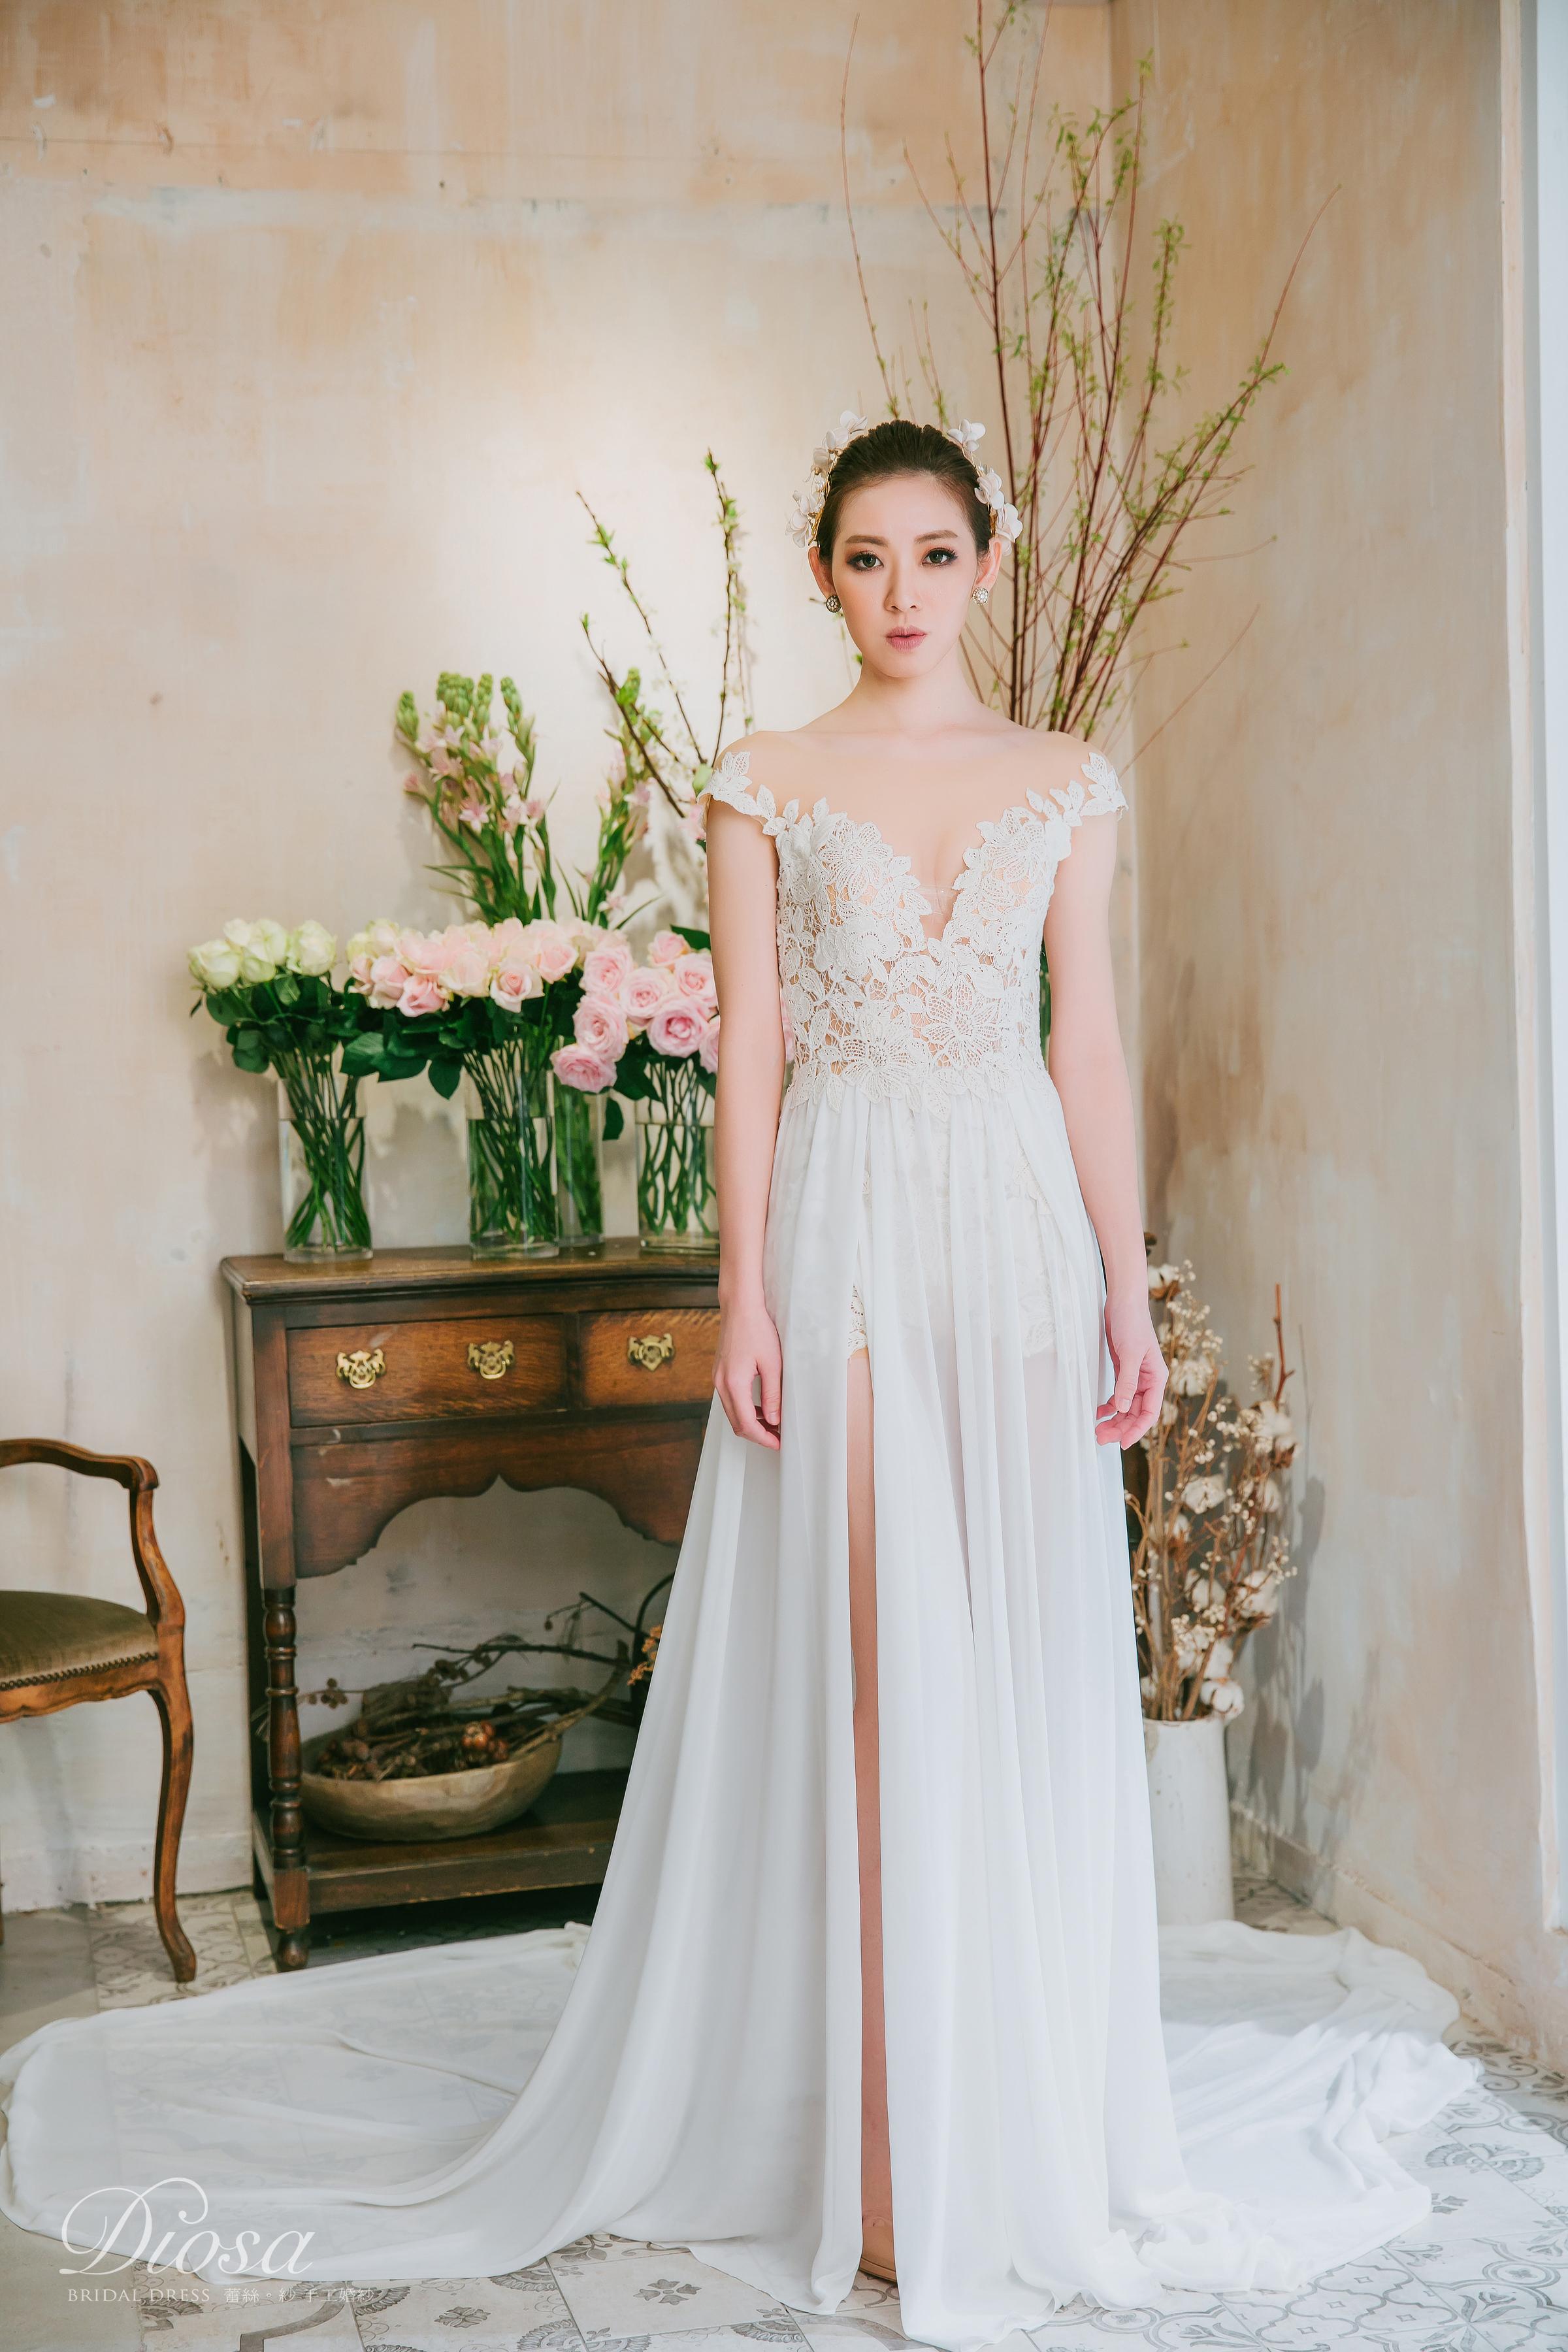 白紗,自助婚紗,禮服,婚紗照,婚紗攝影